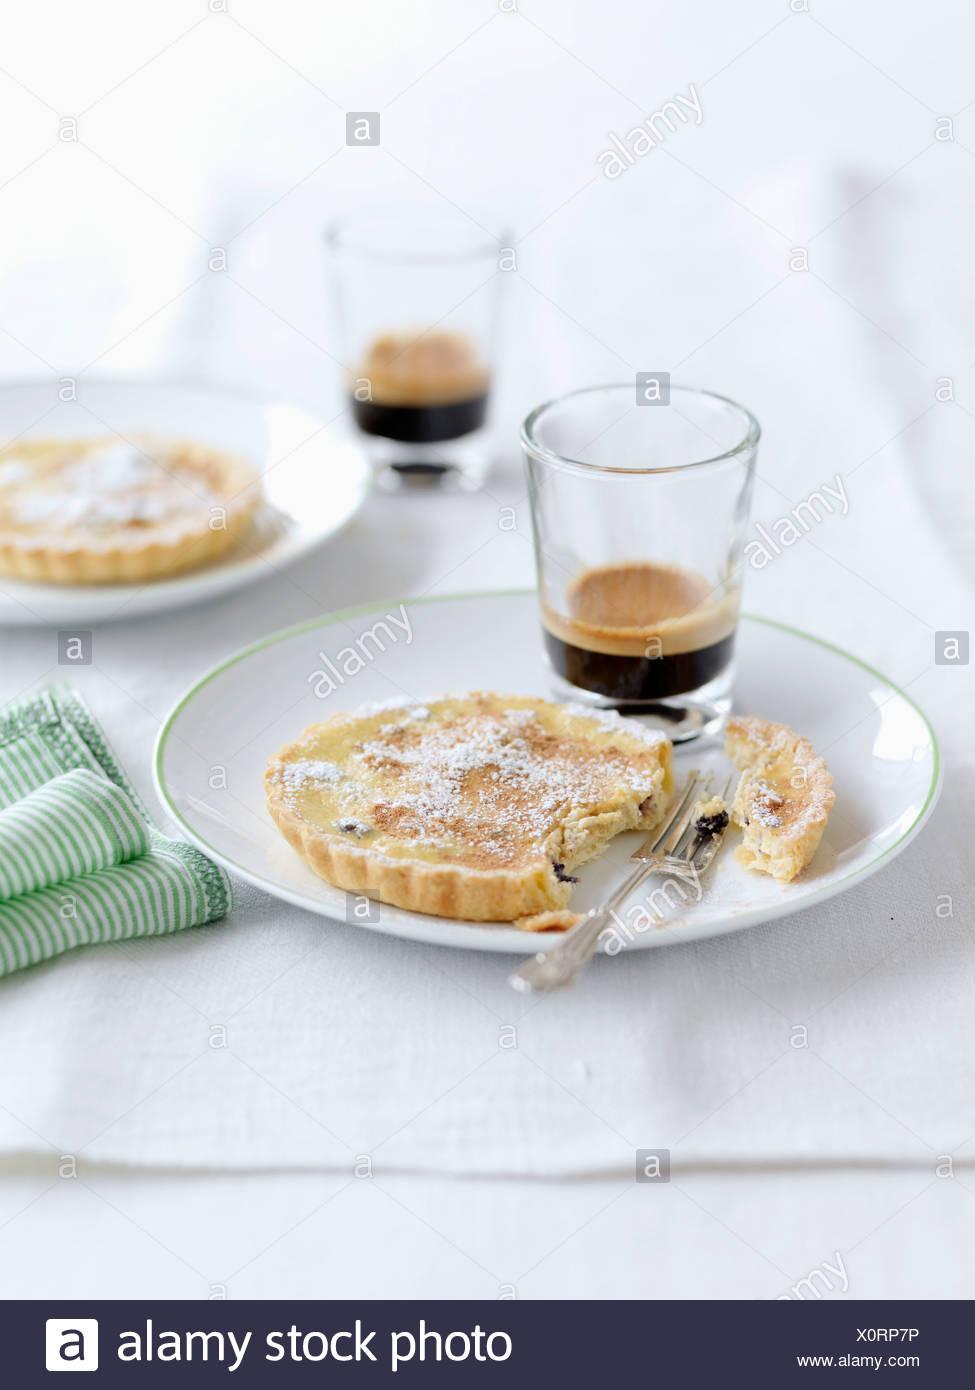 Tea-flavored tartlet - Stock Image